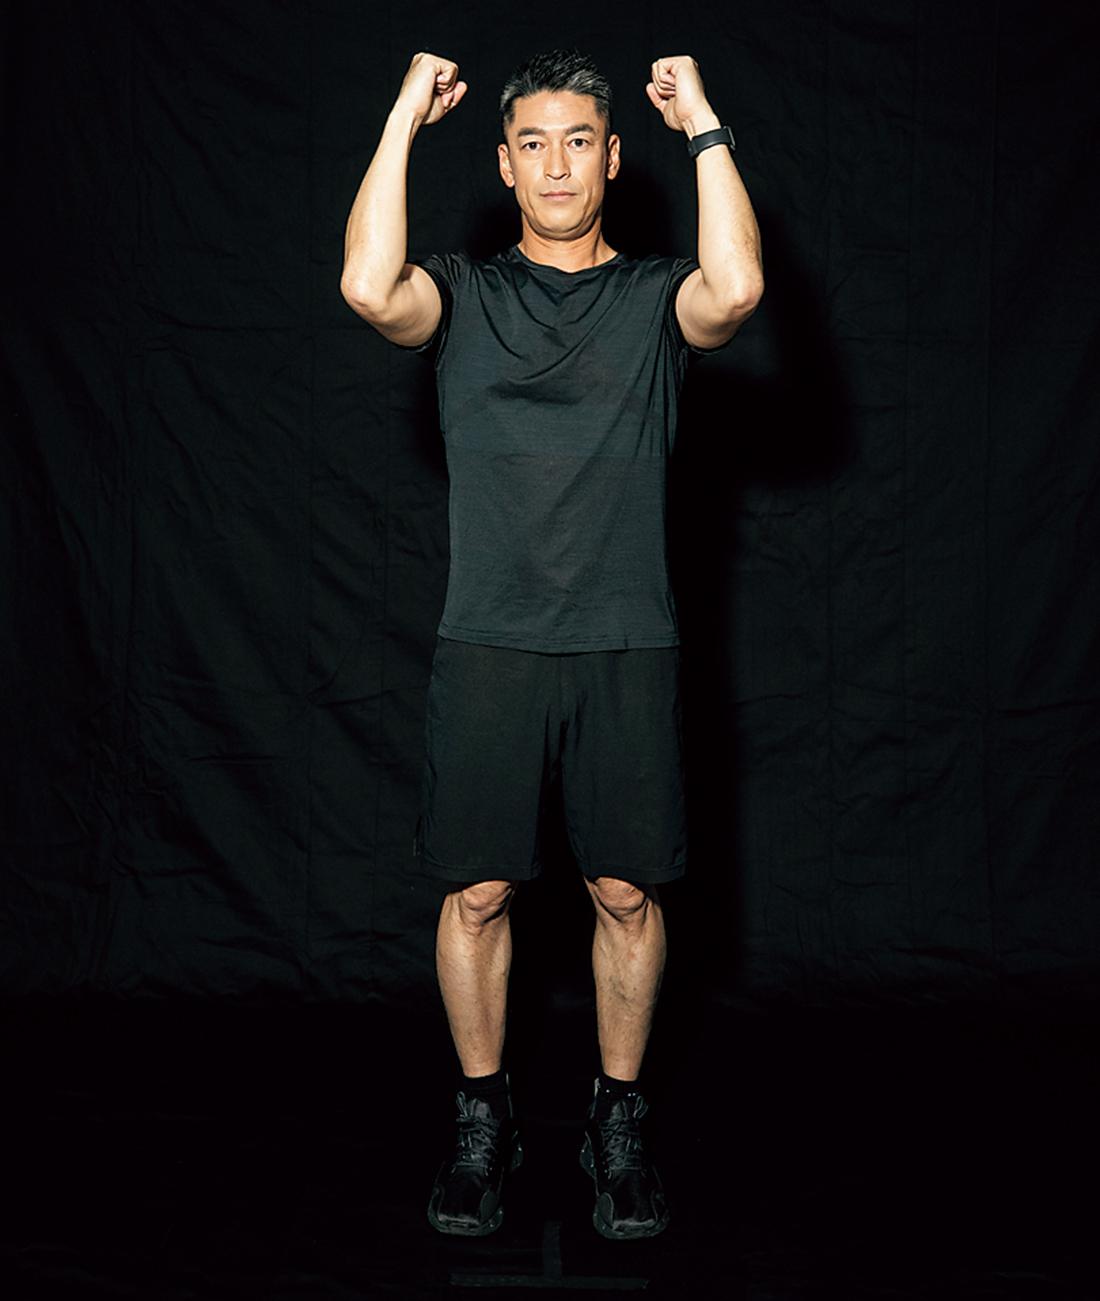 【STEP1 & STEP3】 両足を軽く開いて立ち、両肘を軽く曲げ、腕を肩の高さくらいまで上げる。